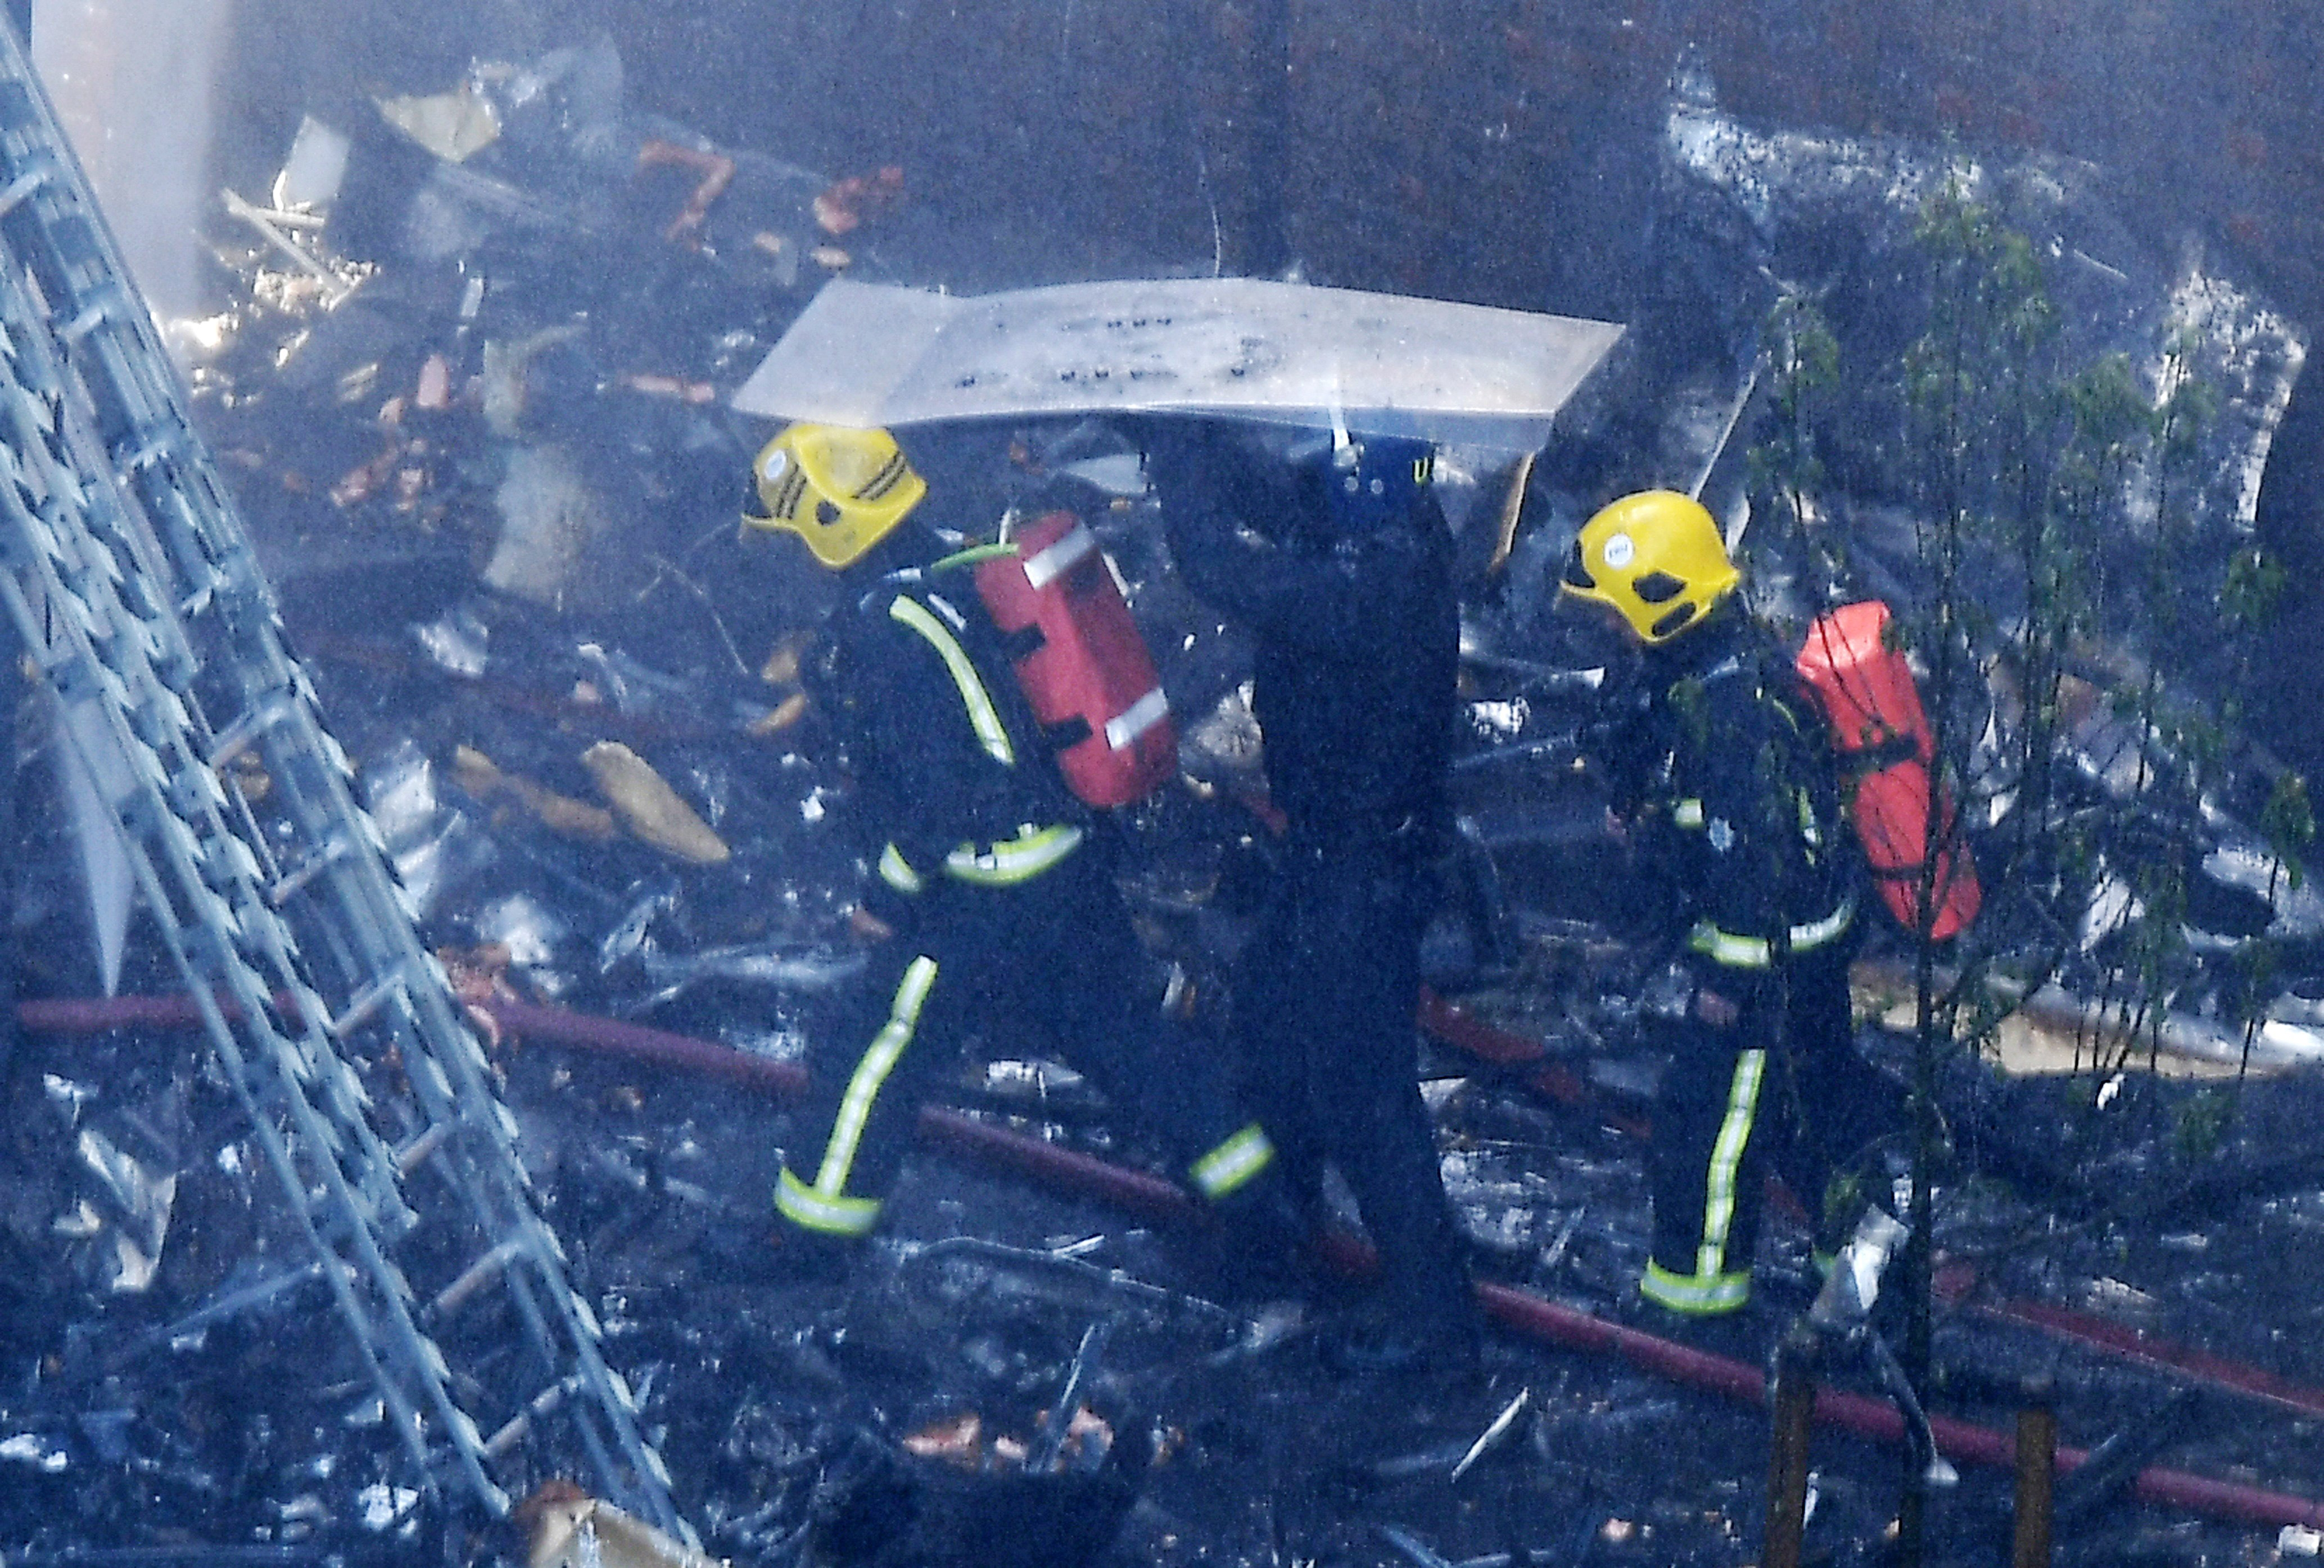 Crianças atiradas pelas janelas para escaparem às chamas — Incêndio em Londres